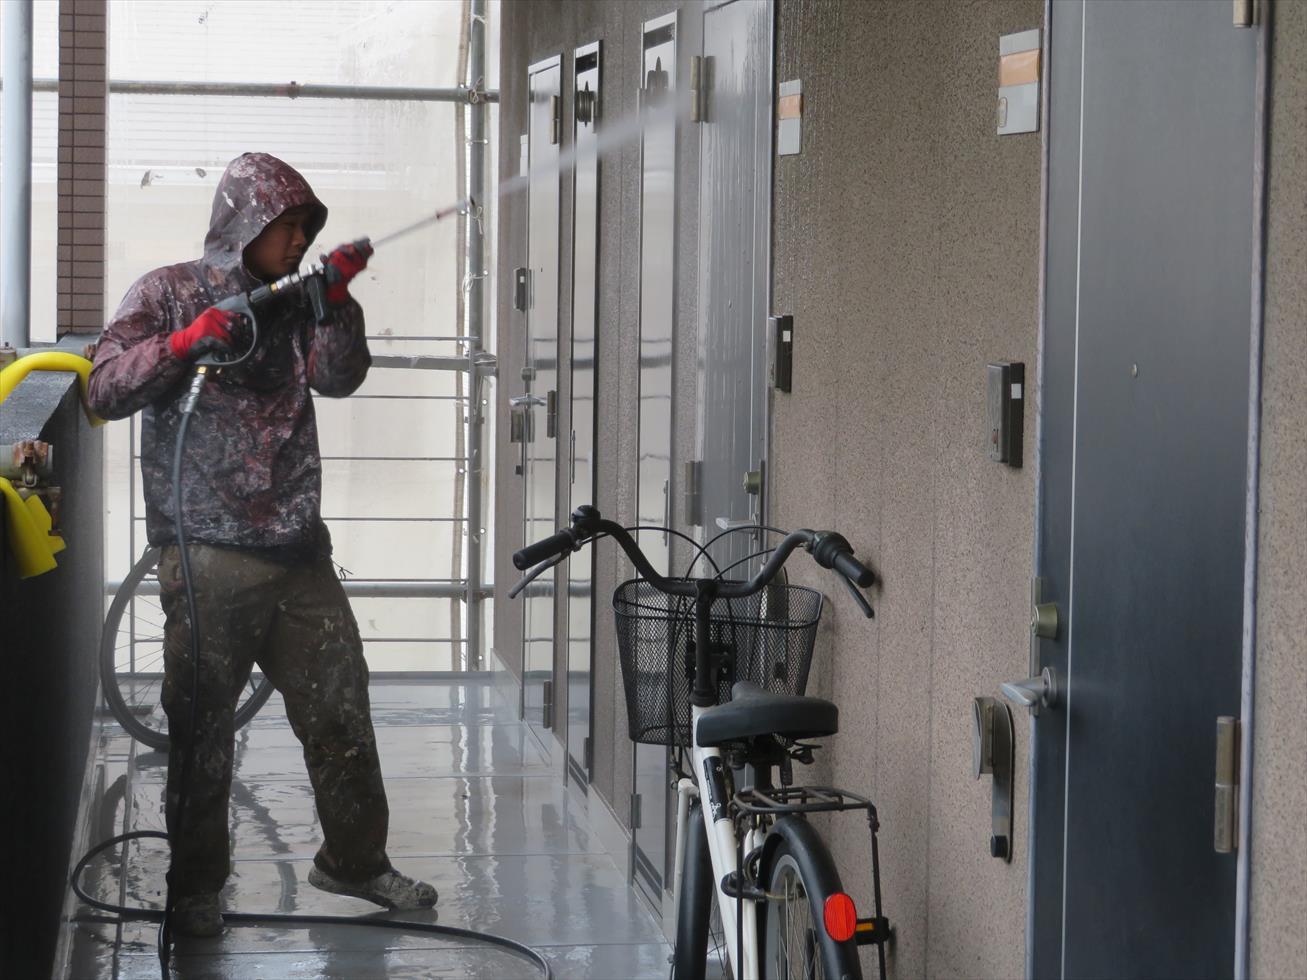 宝塚市のマンションでは外壁本体だけでなく鉄部、樹脂部、木部など塗装対象はすべて高圧洗浄する